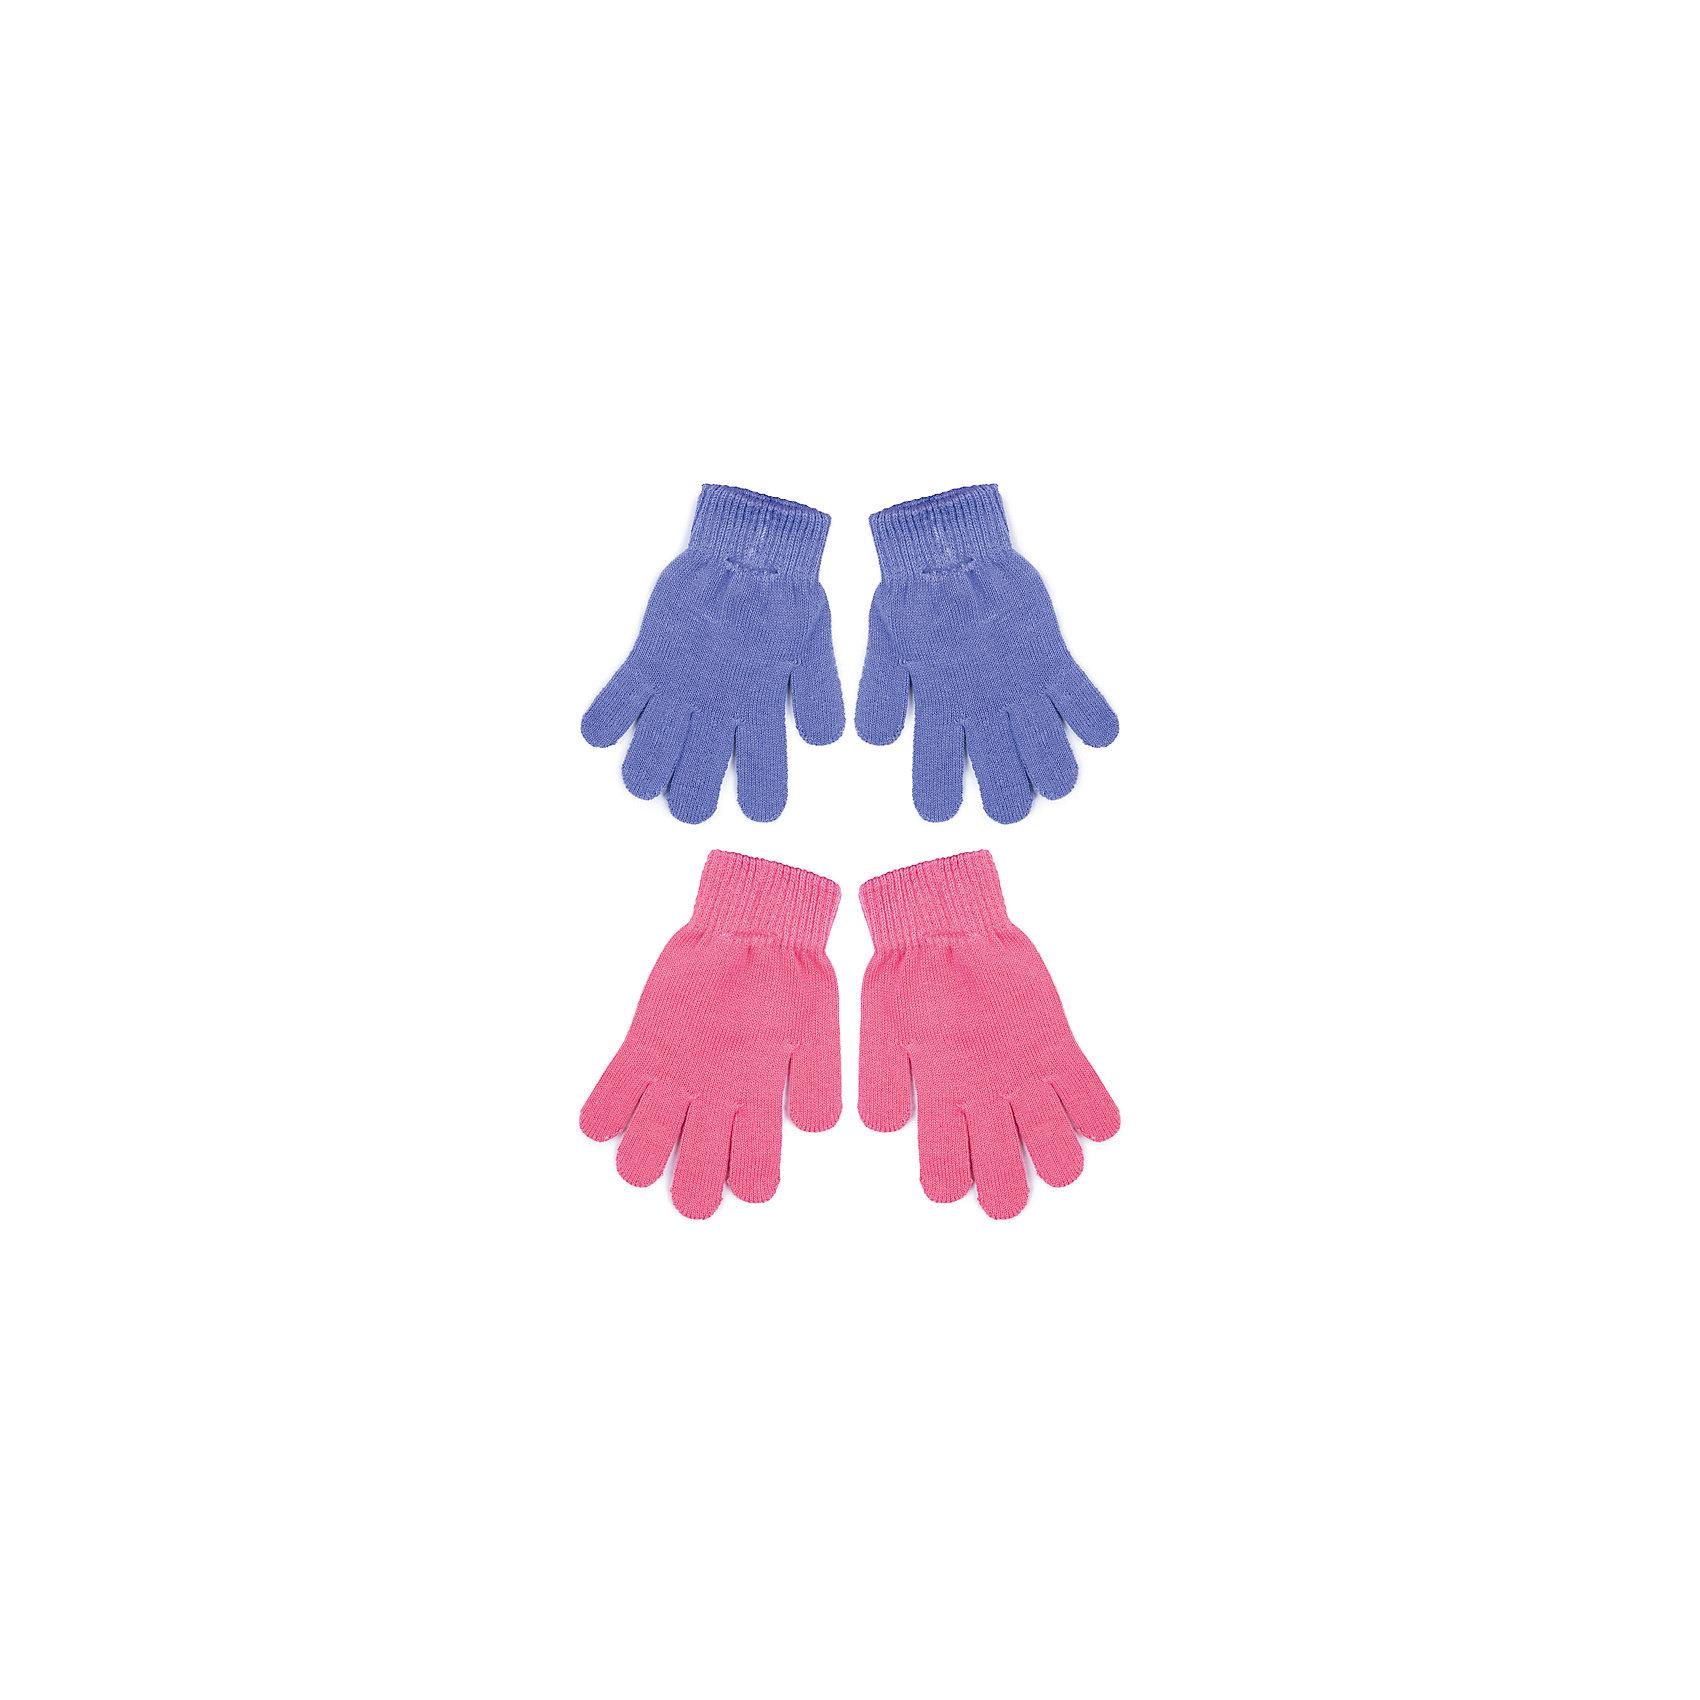 Перчатки PlayToday для девочкиПерчатки, варежки<br>Перчатки PlayToday для девочки<br>Вязаные перчатки из пряжи нежных оттенков станут идеальным вариантом для прохладной погоды. Они очень мягкие, хорошо тянутся и прекрасно сохраняют тепло. На манжетах - плотная резинка, которая хорошо держит перчатки на руках ребенка.<br>Состав:<br>80% хлопок, 18% нейлон, 2% эластан<br><br>Ширина мм: 162<br>Глубина мм: 171<br>Высота мм: 55<br>Вес г: 119<br>Цвет: белый<br>Возраст от месяцев: 84<br>Возраст до месяцев: 96<br>Пол: Женский<br>Возраст: Детский<br>Размер: 4,2,3<br>SKU: 7106151